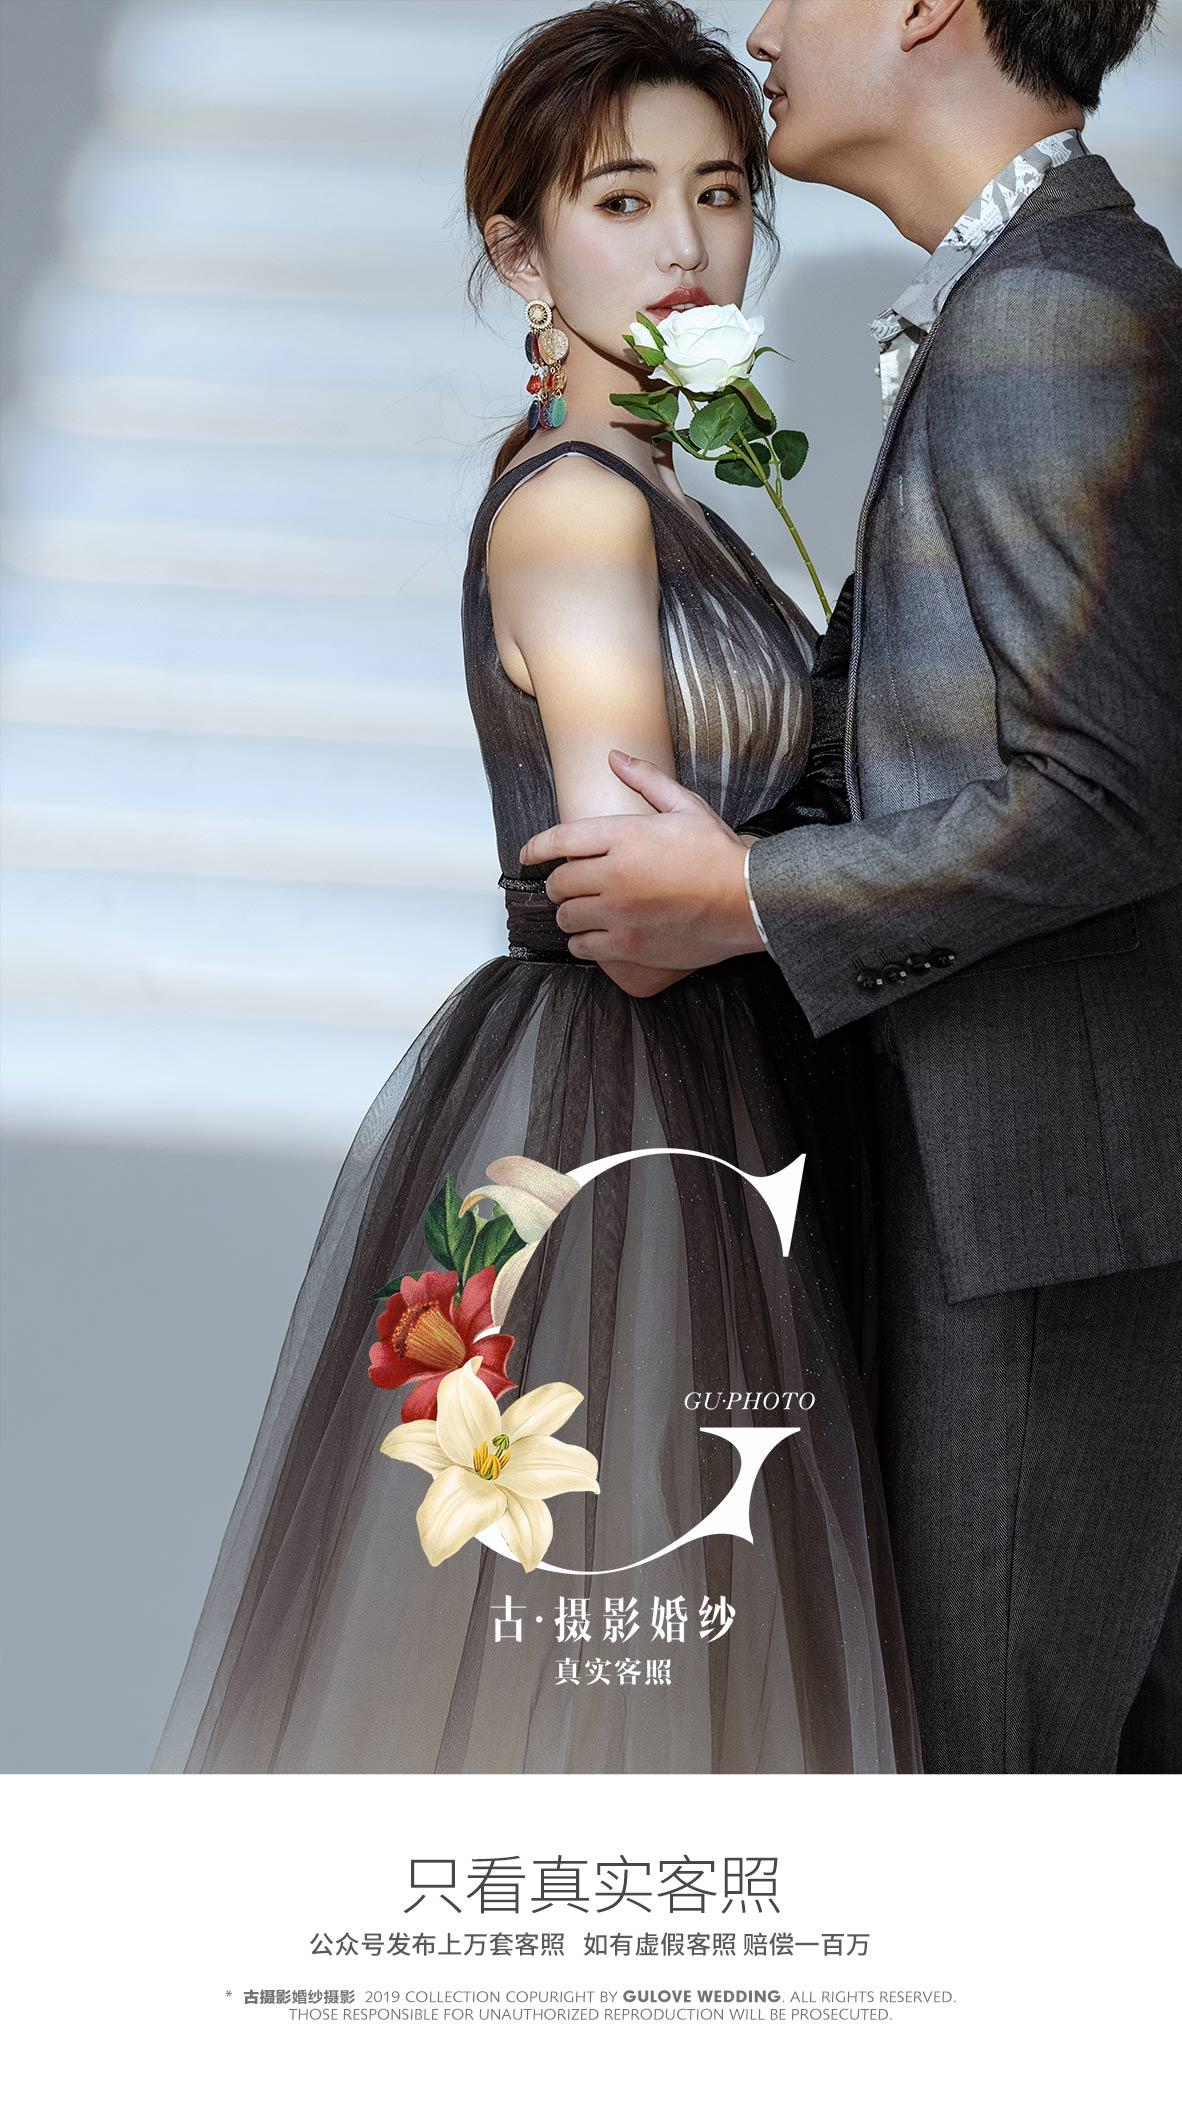 6月客照第一季 - 月度客照 - 古摄影婚纱艺术-古摄影成都婚纱摄影艺术摄影网